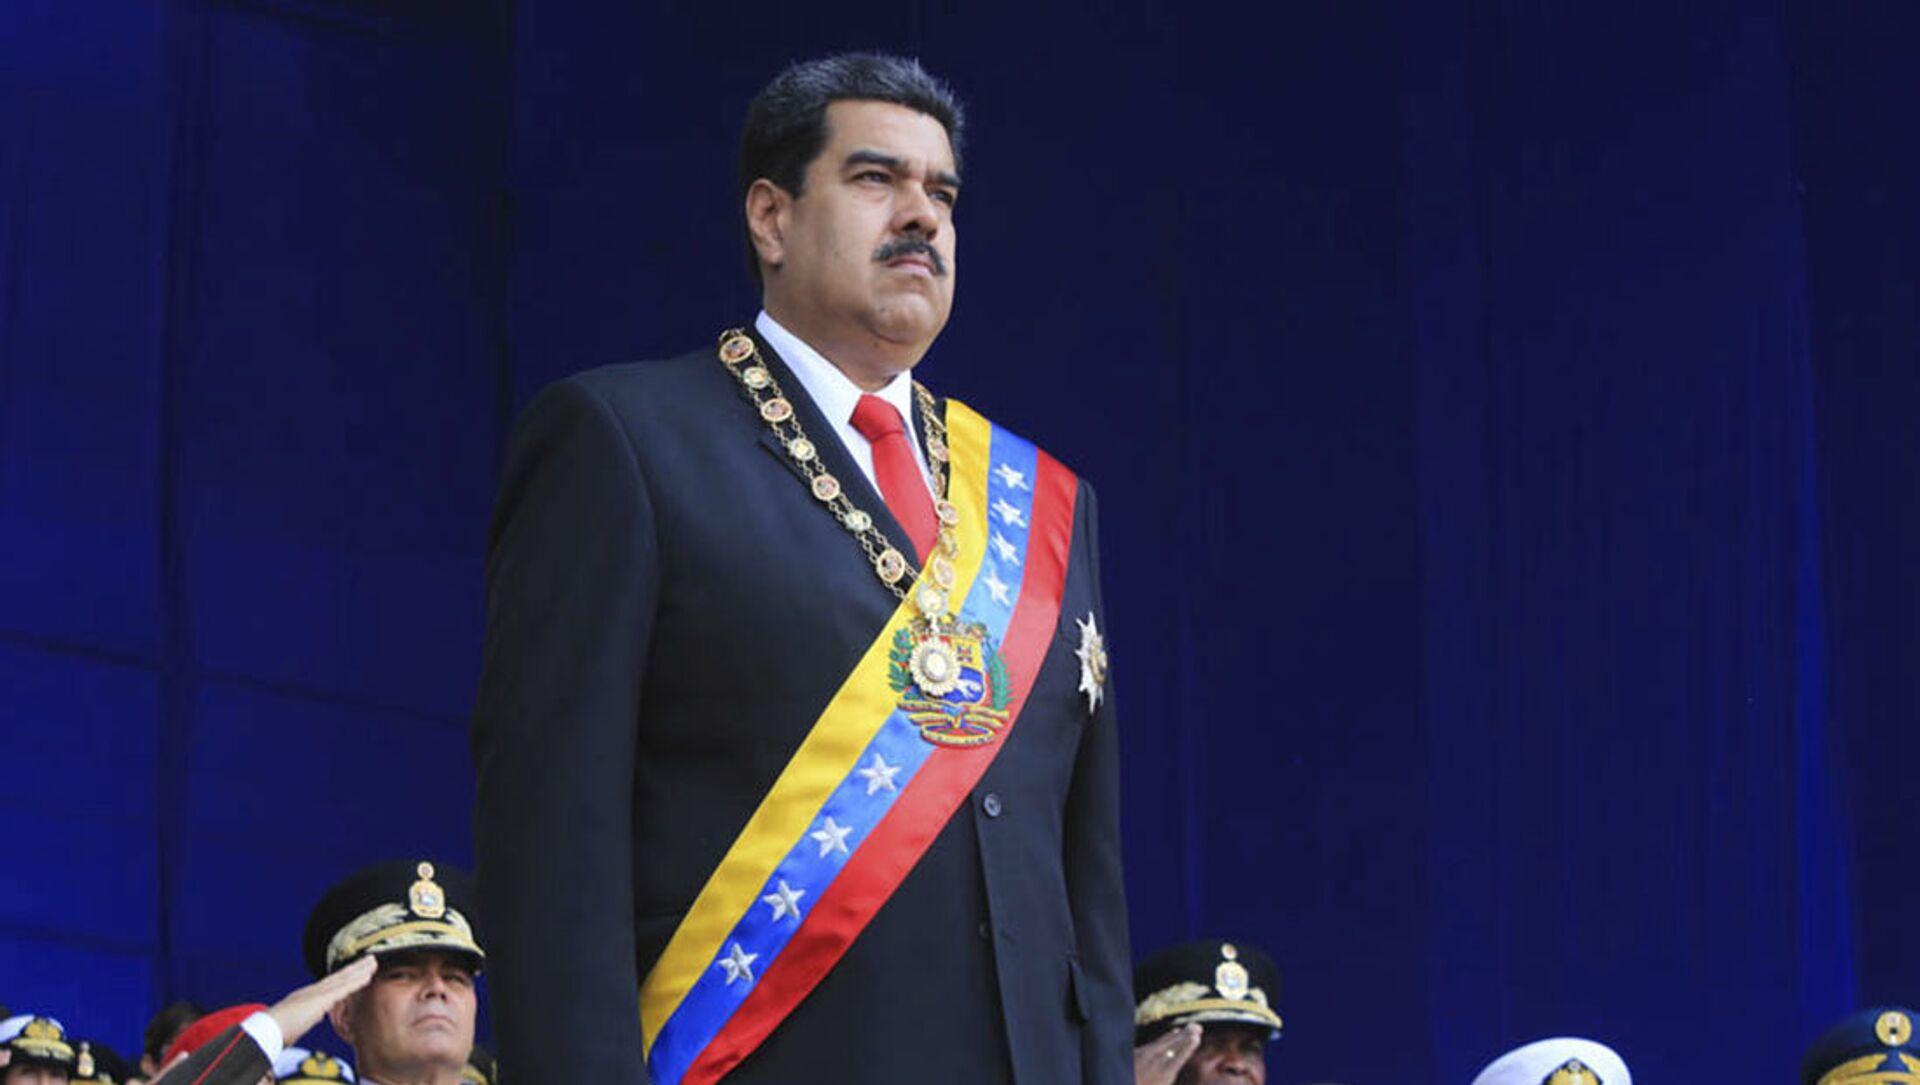 Prezydent Wenezueli Nicolas Maduro na defiladzie wojskowej w Caracas - Sputnik Polska, 1920, 06.03.2021